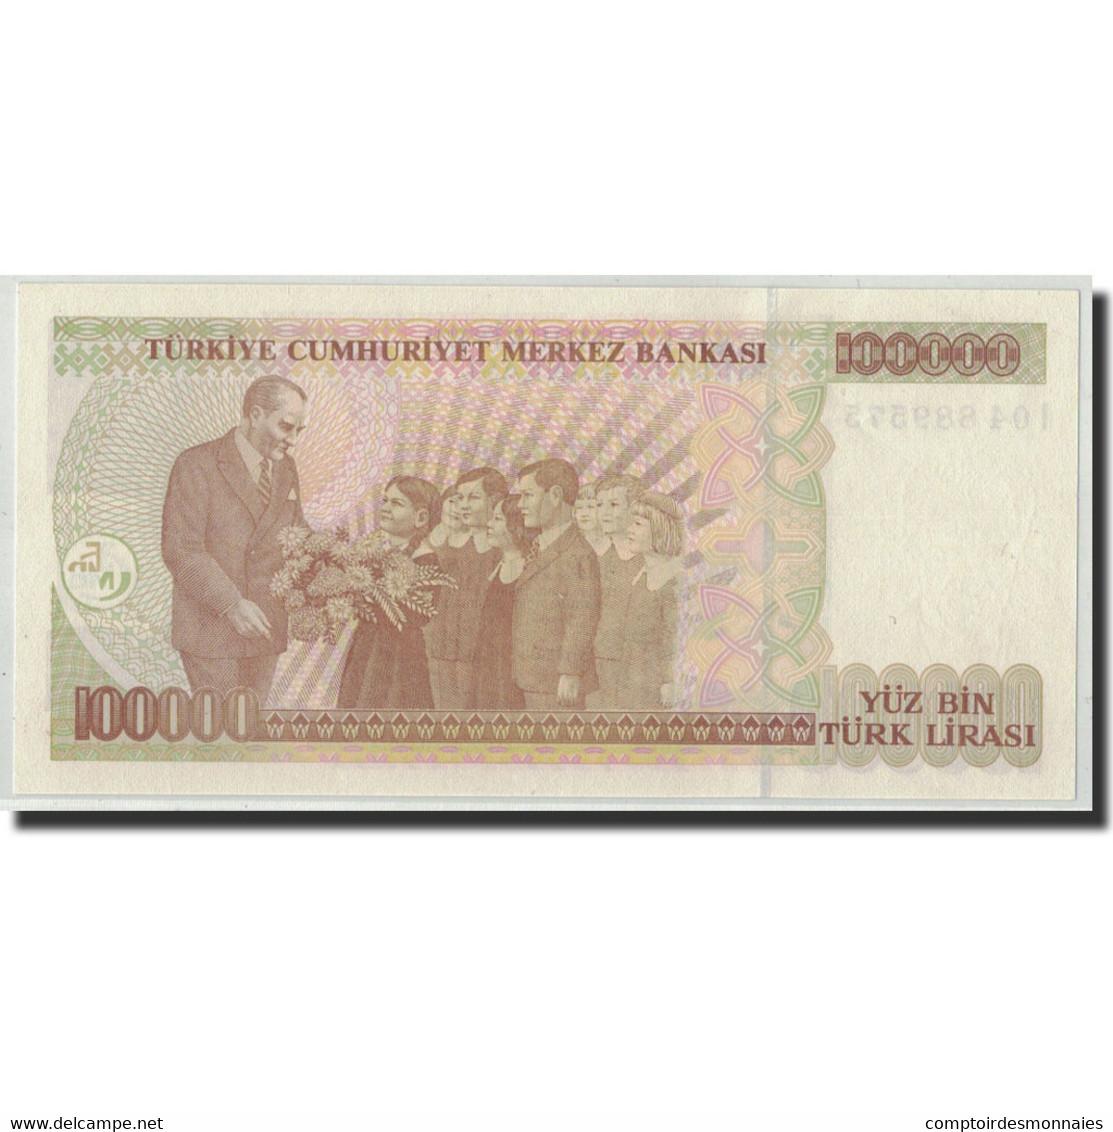 Turquie, 100,000 Lira, 1970, KM:206, 1970-01-14, NEUF - Turquie